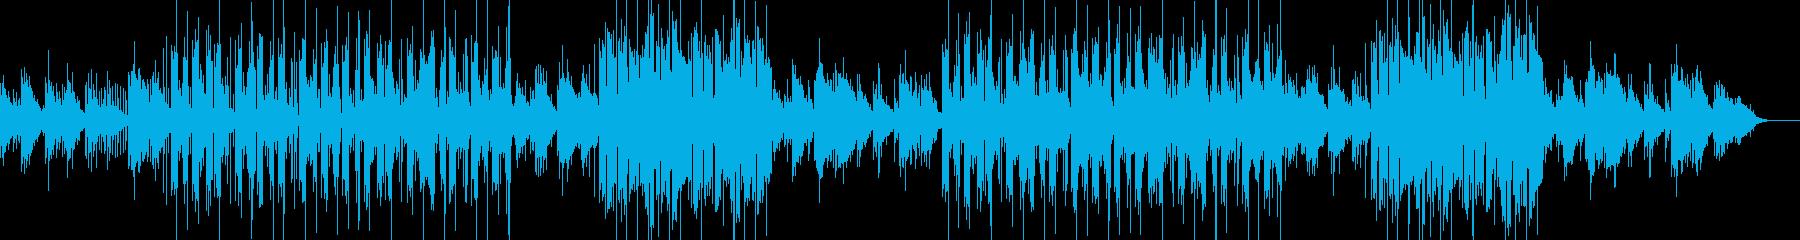 せつなくメロウなソウル系Slowチルの再生済みの波形